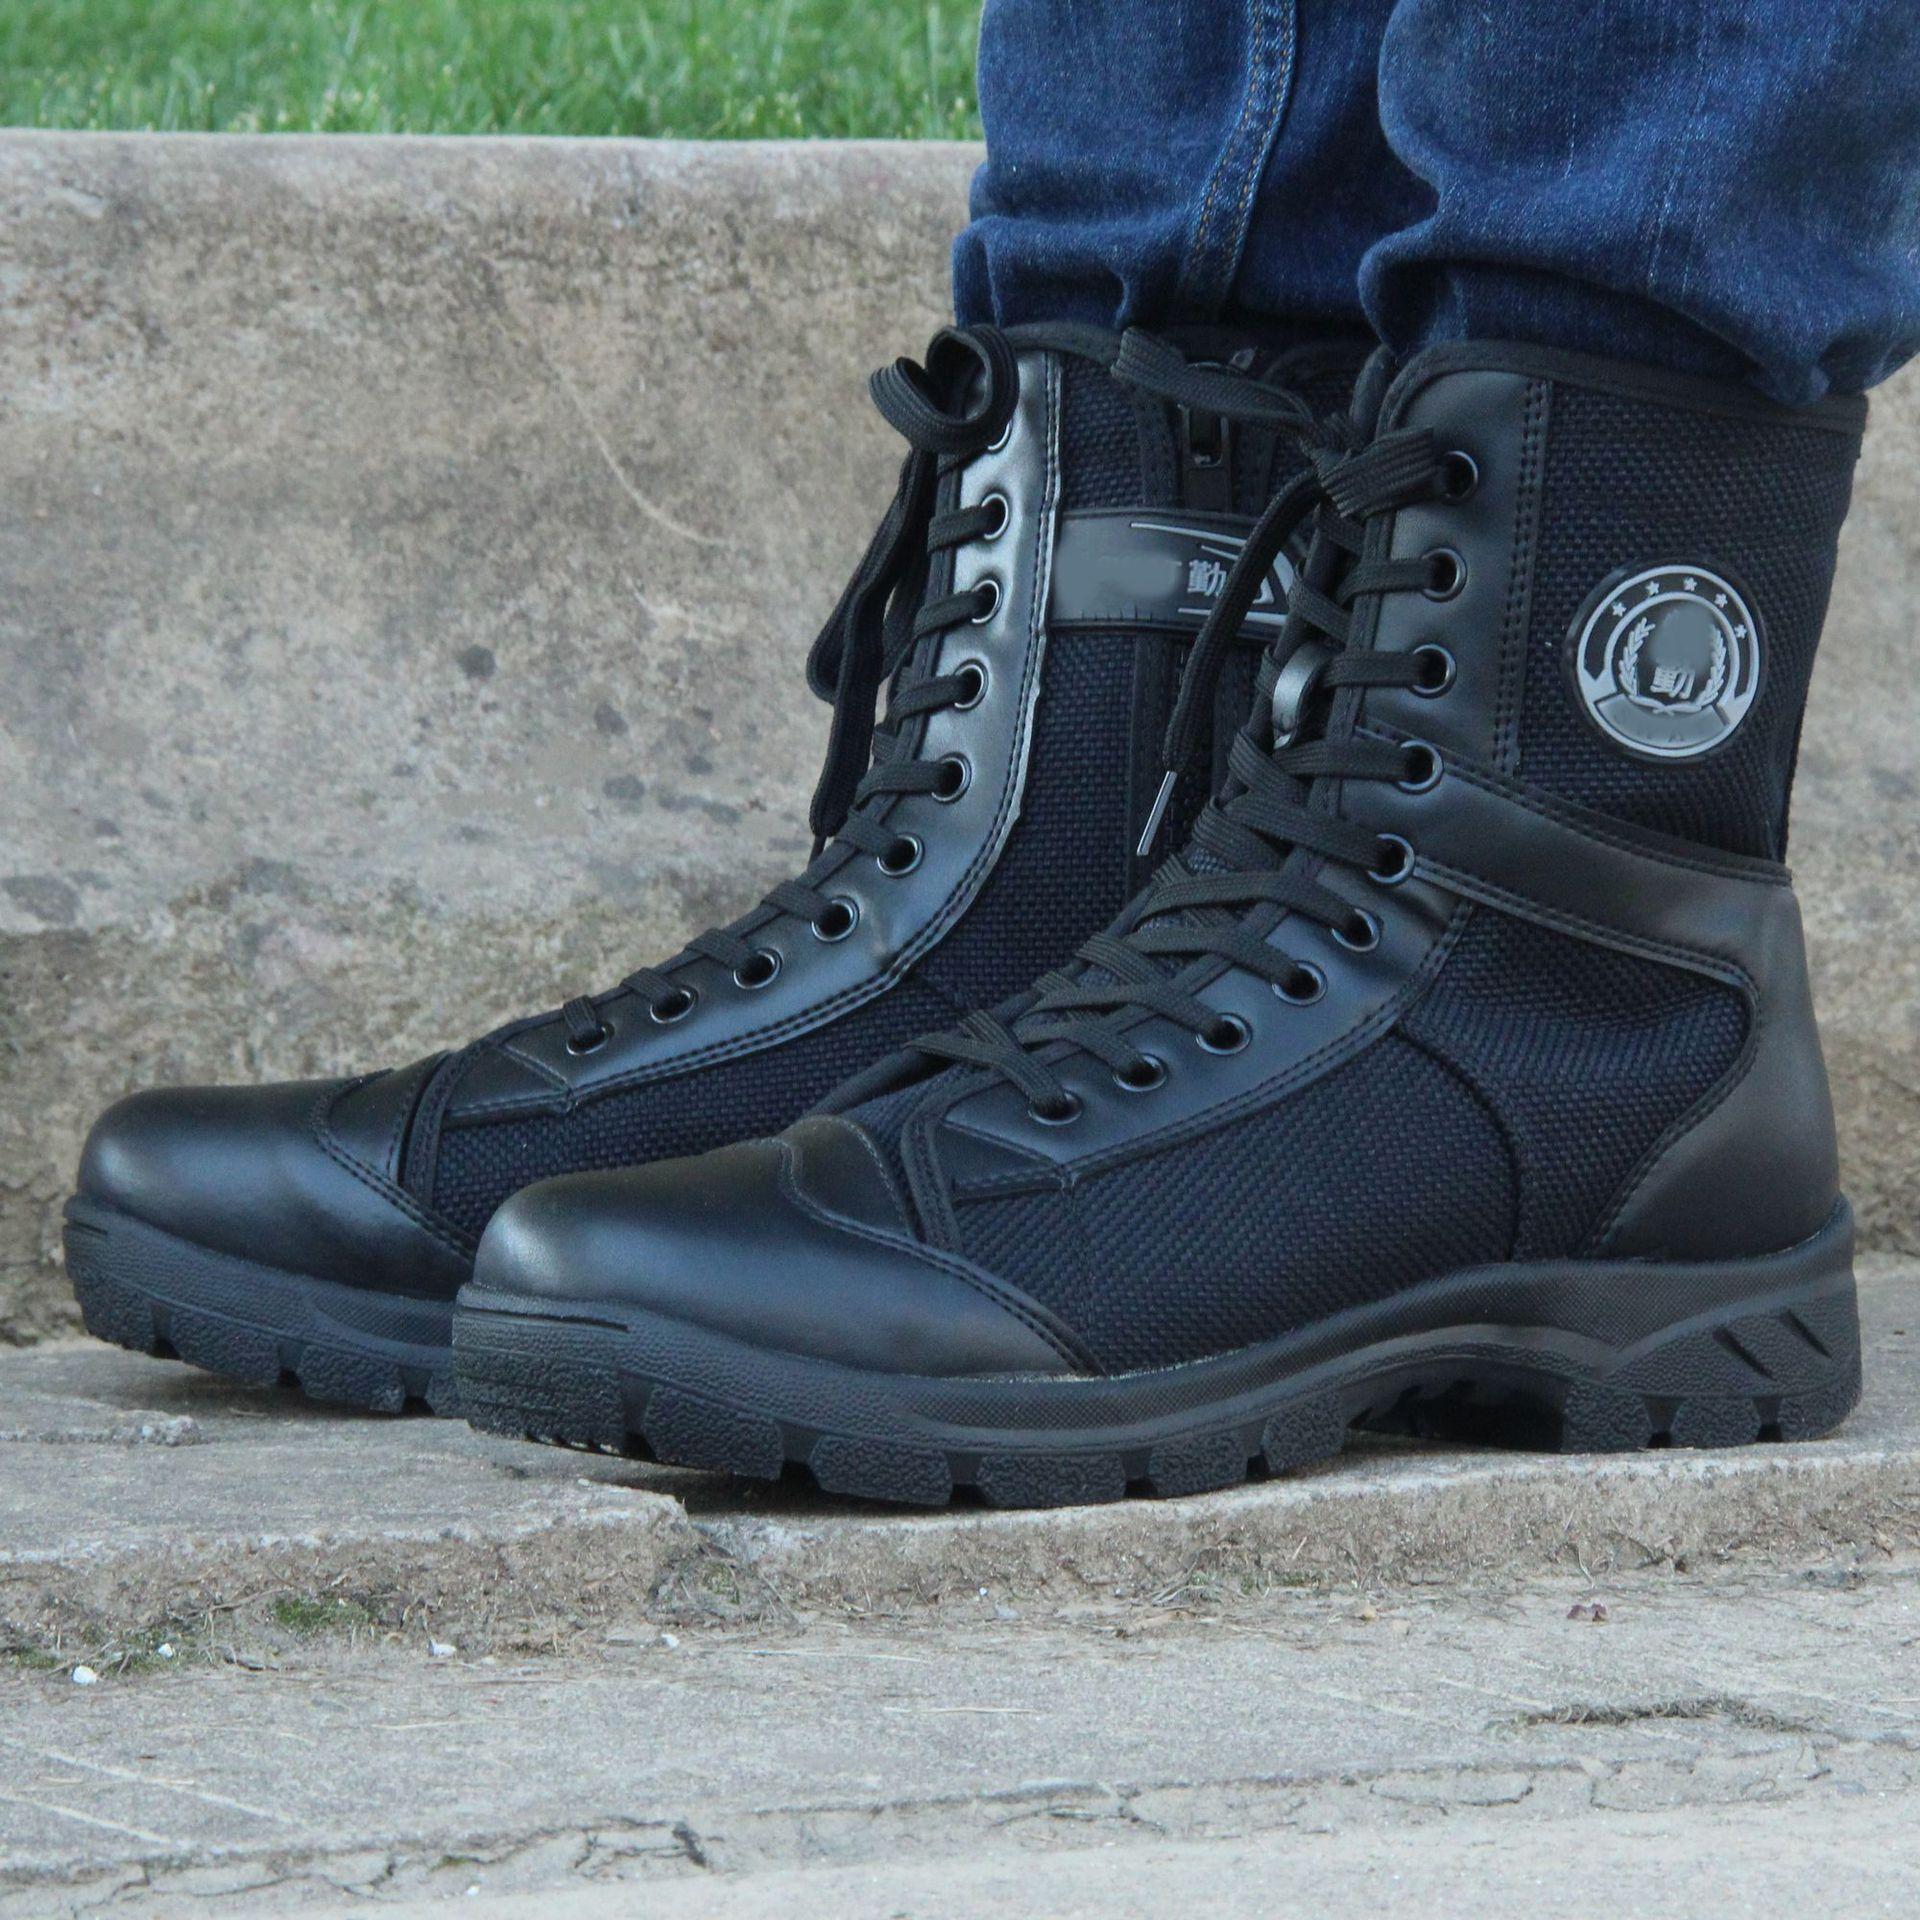 Motos Botas Homens da motocicleta sapatos à prova de vento Moto Motocross botas de protecção botas de montaria Para 39-45 Outono Inverno